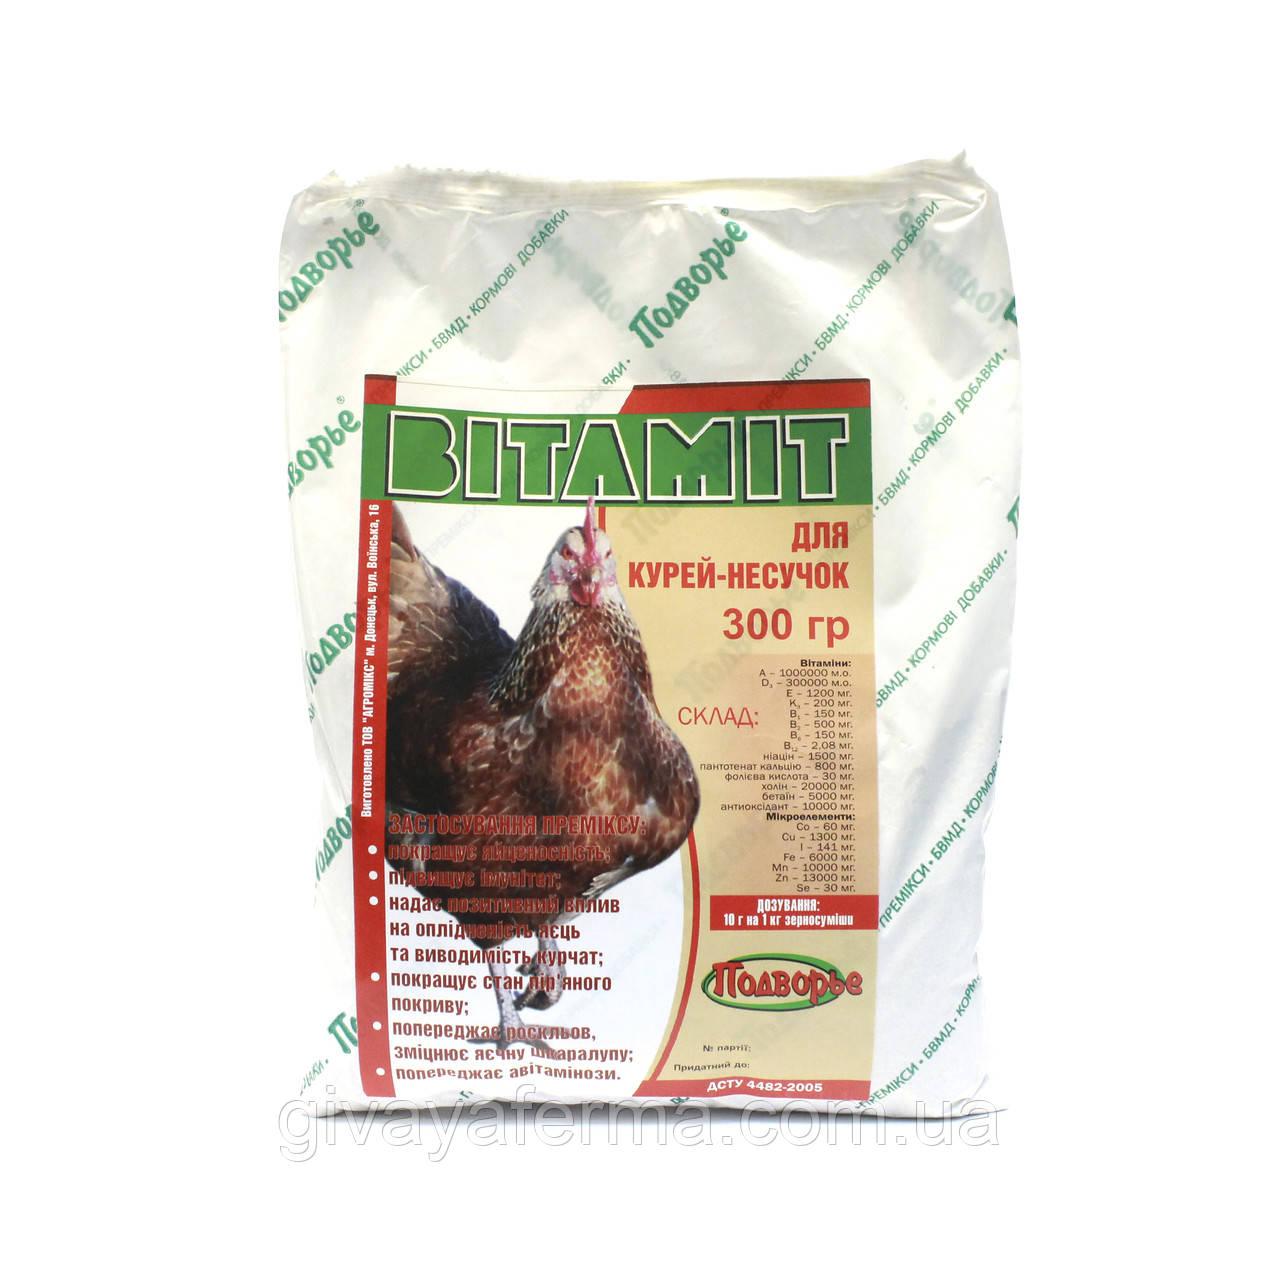 Витаминный премикс Витамит - несушка 1%, 300 г, витаминно-минеральная кормовая добавка